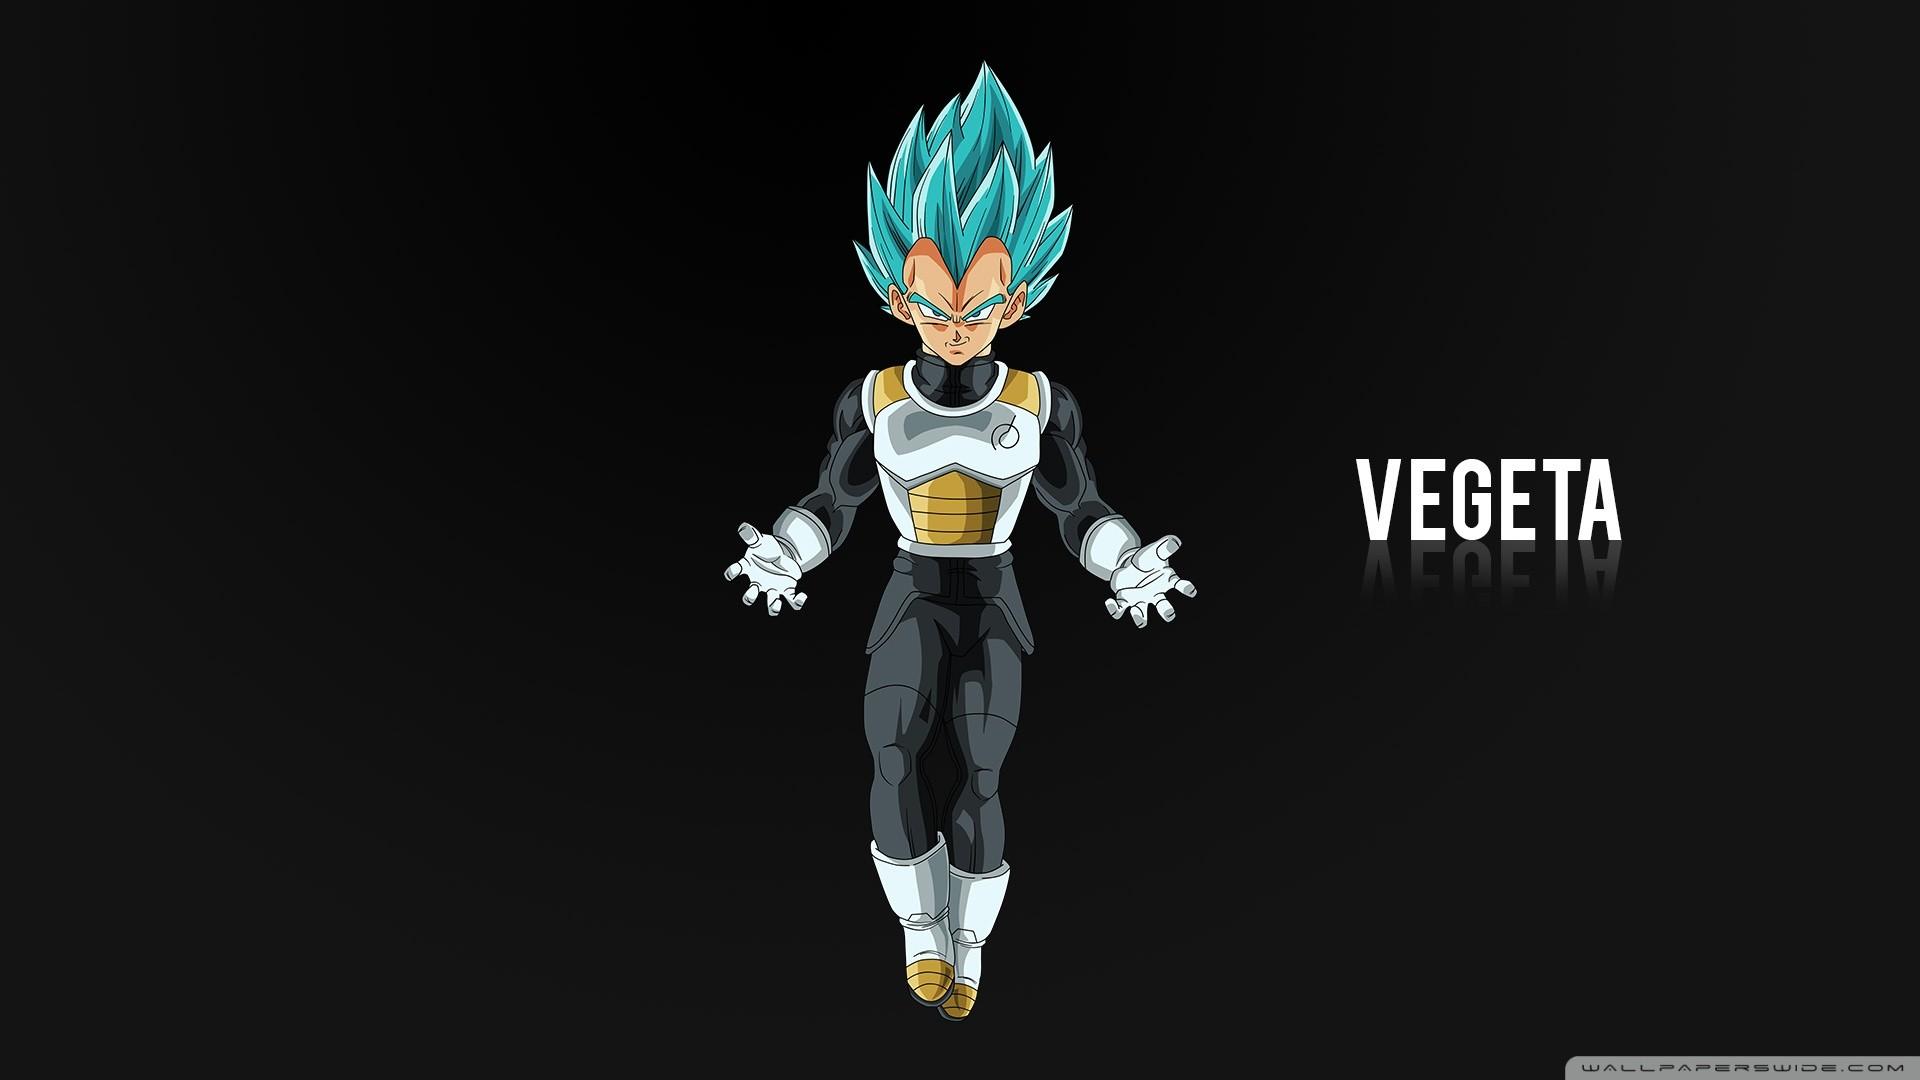 Goku And Vegeta Full Hd Fondo De Pantalla And Fondo De: Vegeta Wallpaper (63+ Images